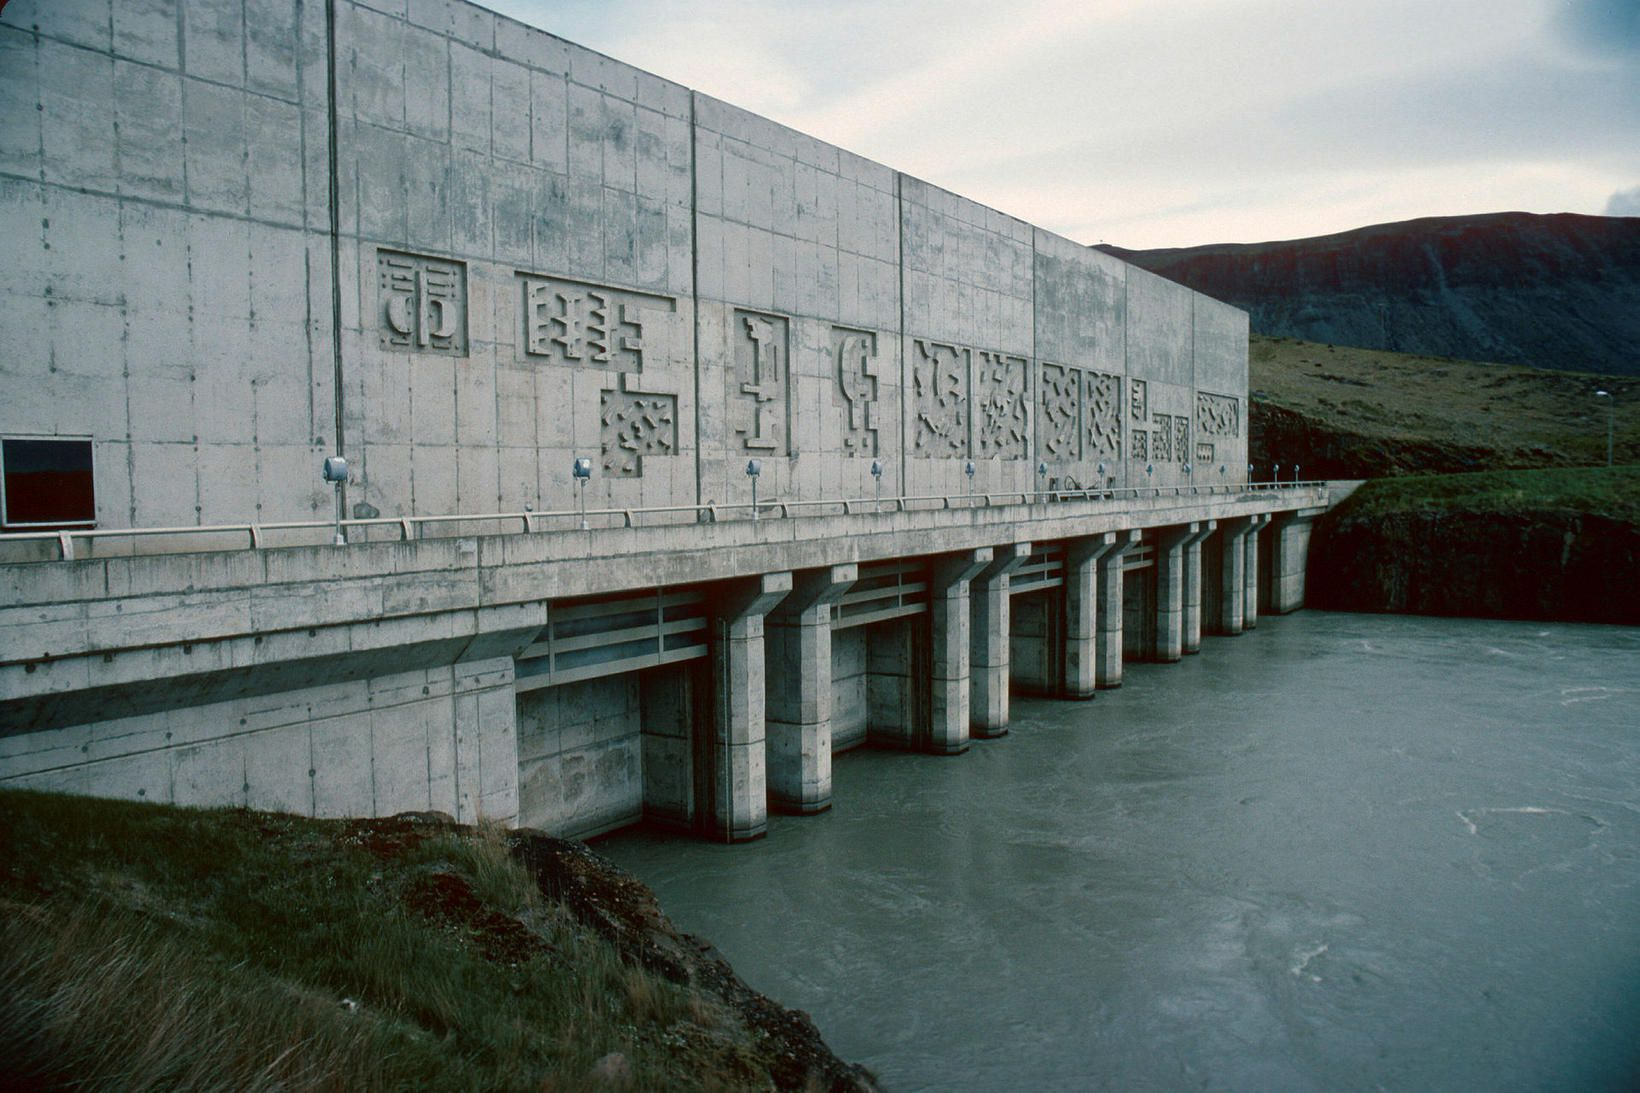 Landsvirkjun hefur framleitt fyrir Straumsvík í rúm 50 ár.